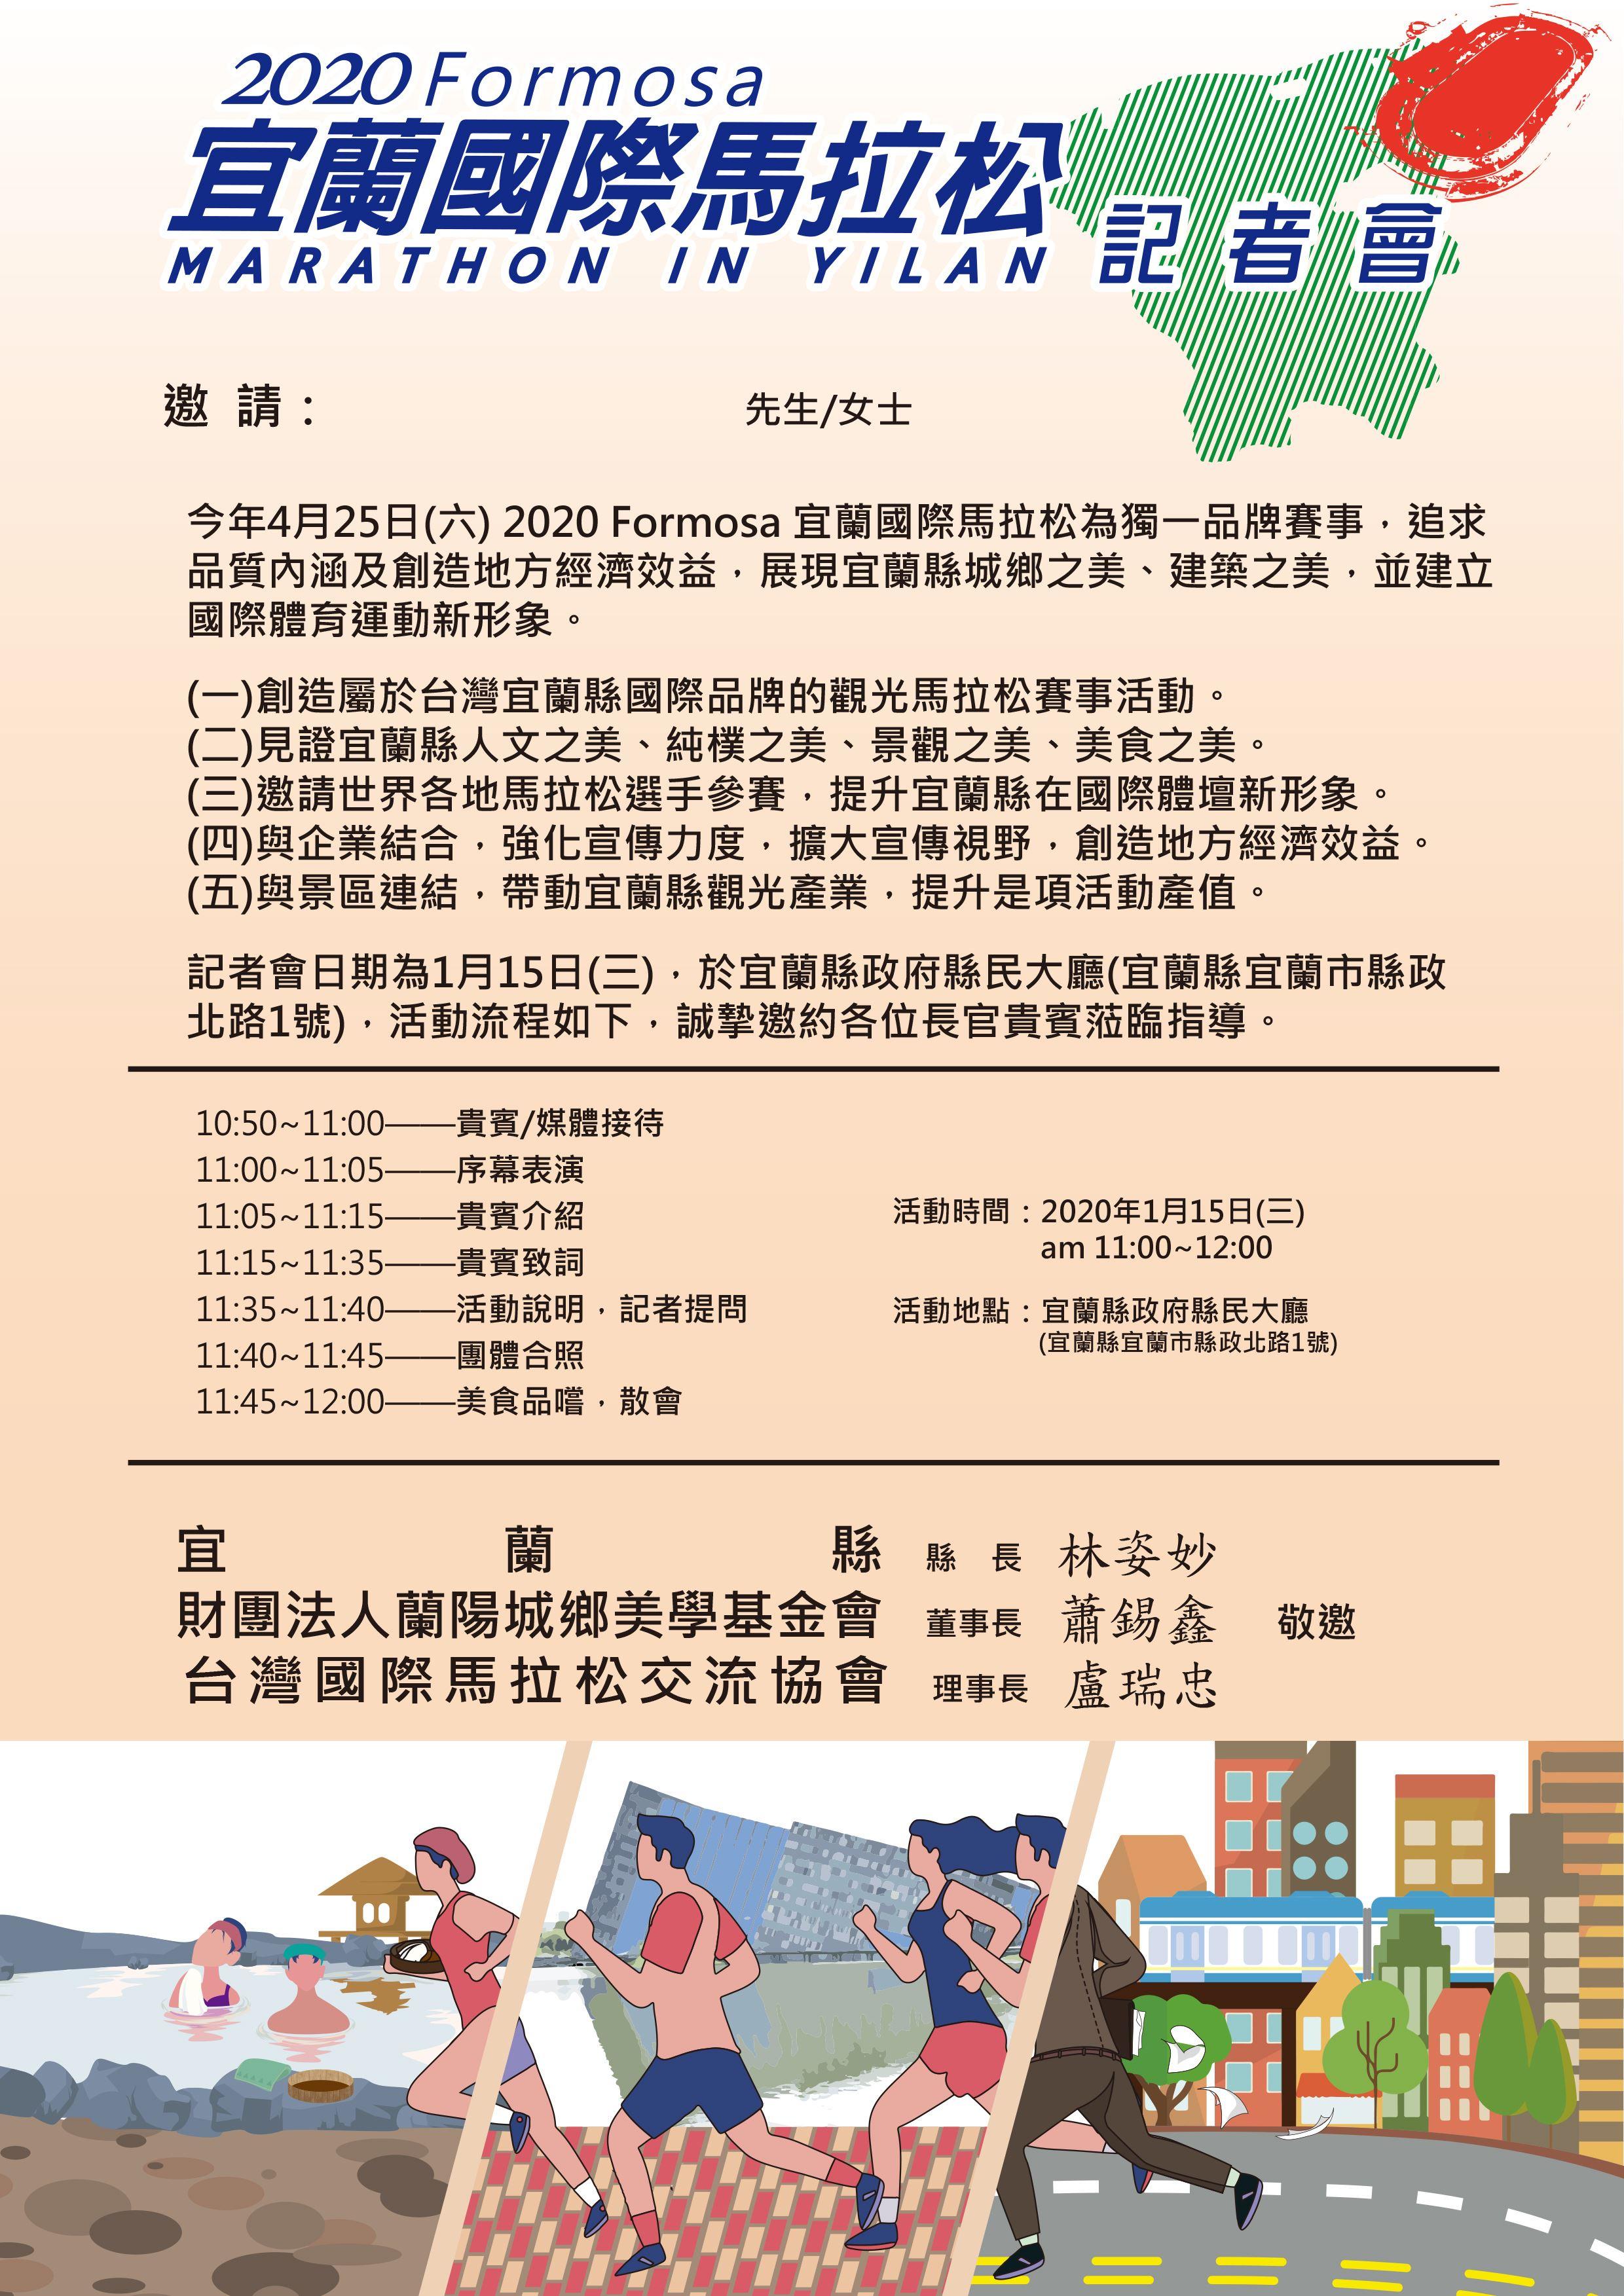 邀請函-1090115-2020 Formosa宜蘭國際馬拉松 蘭陽城鄉之美熱情開跑 迎接東海岸的第一道曙光